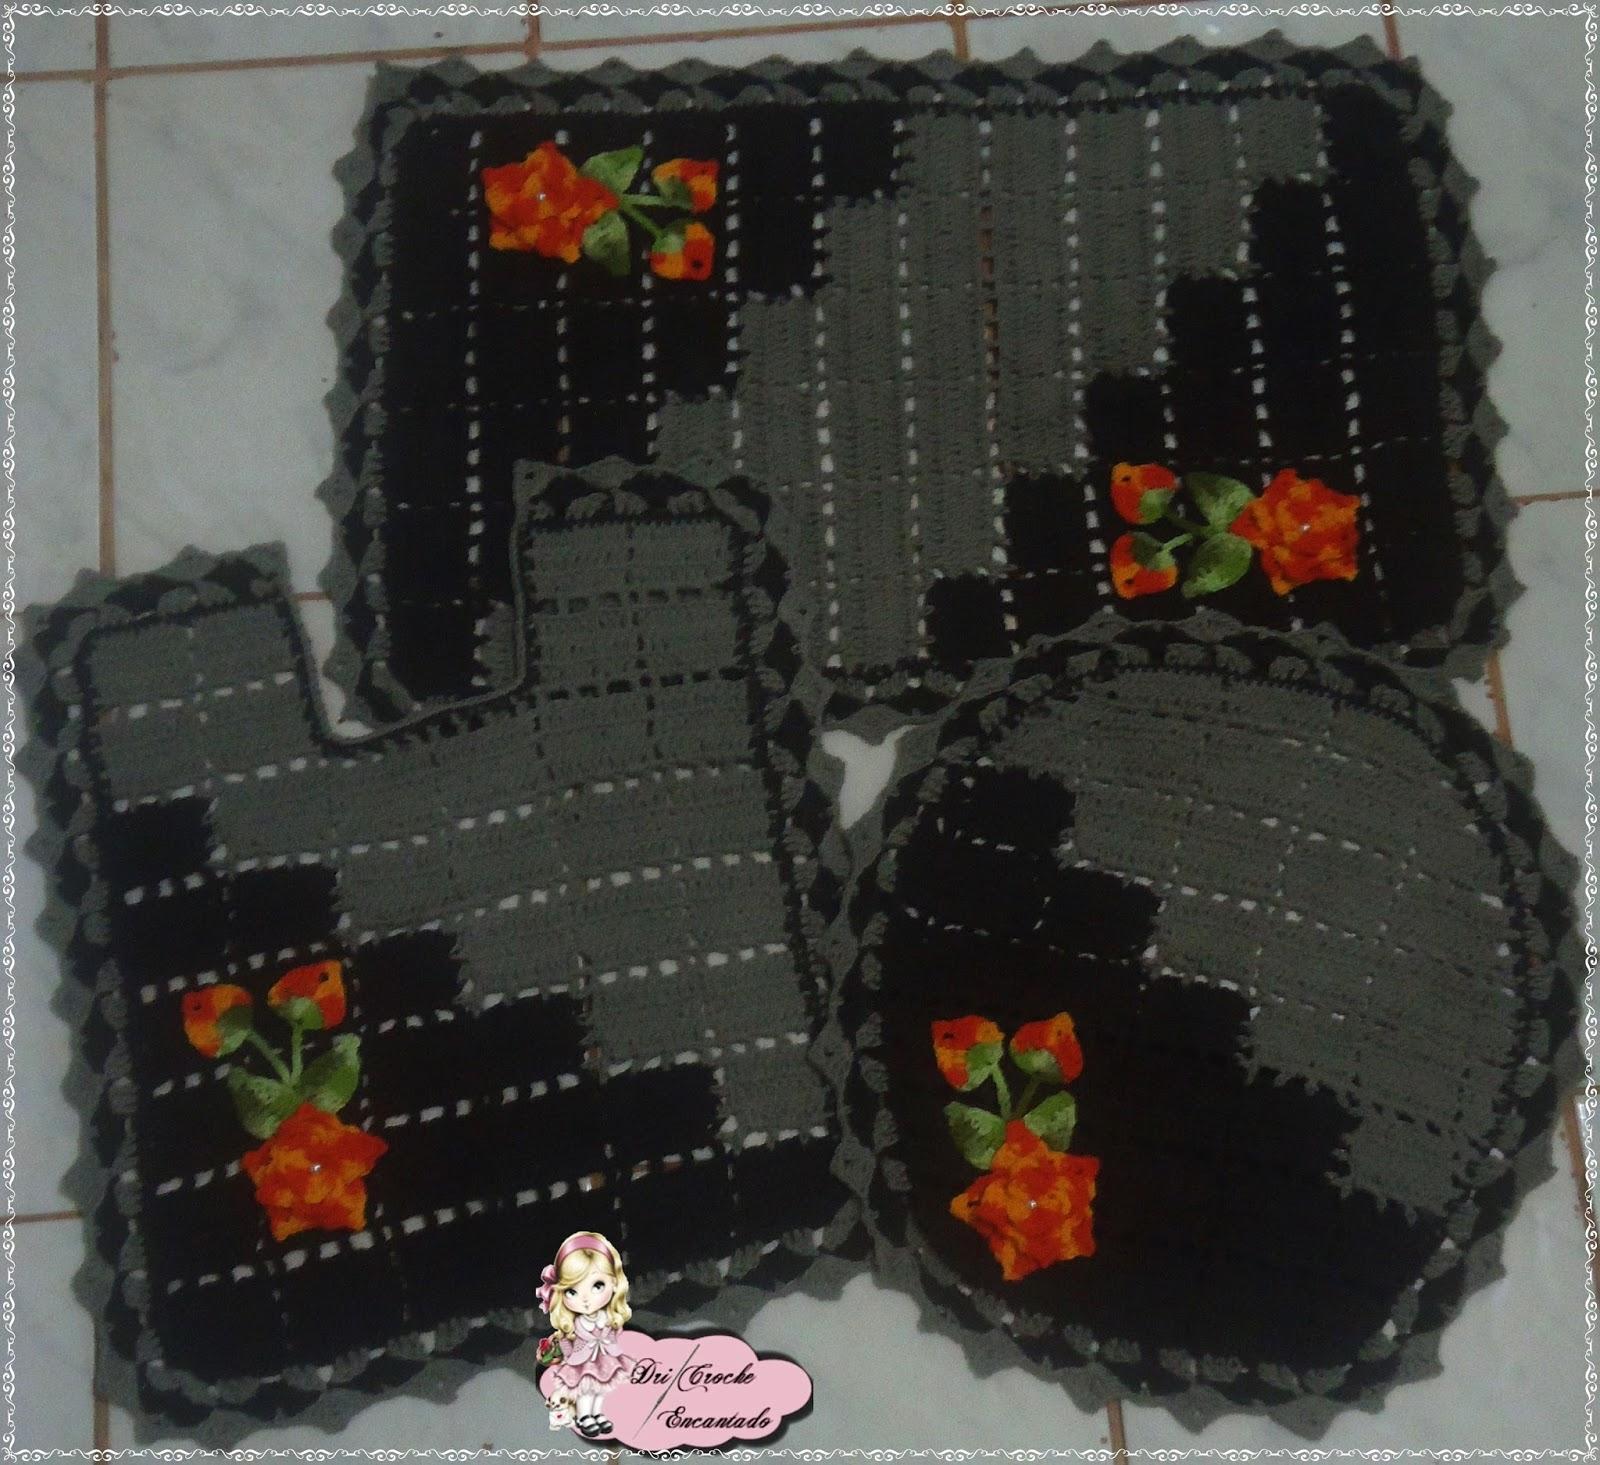 Dri Crochê Encantado: Jogo Banheiro Bicolor em Crochê #7C2C12 1600x1465 Banheiro Com Vaso Bege